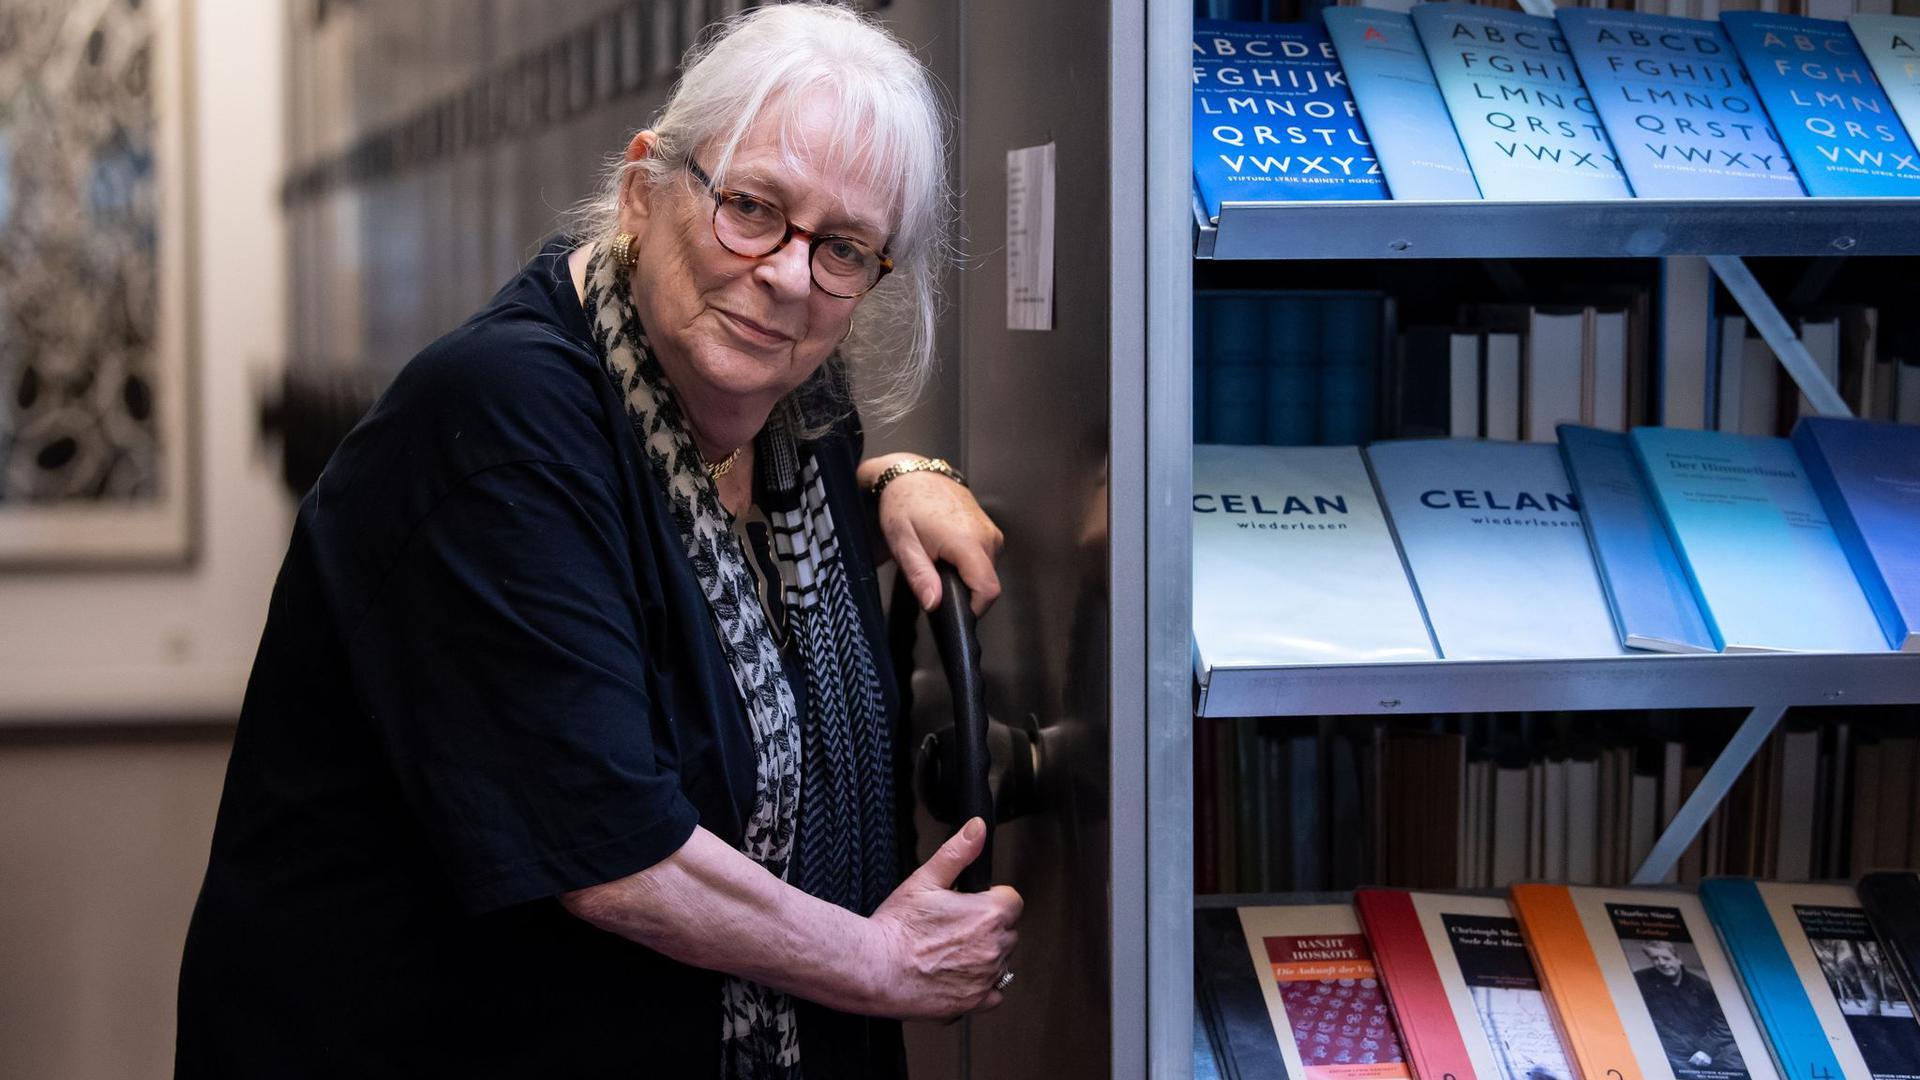 Ihr Herz gehörte der Poesie:Ursula Haeusgen ist mit 78 Jahren gestorben.